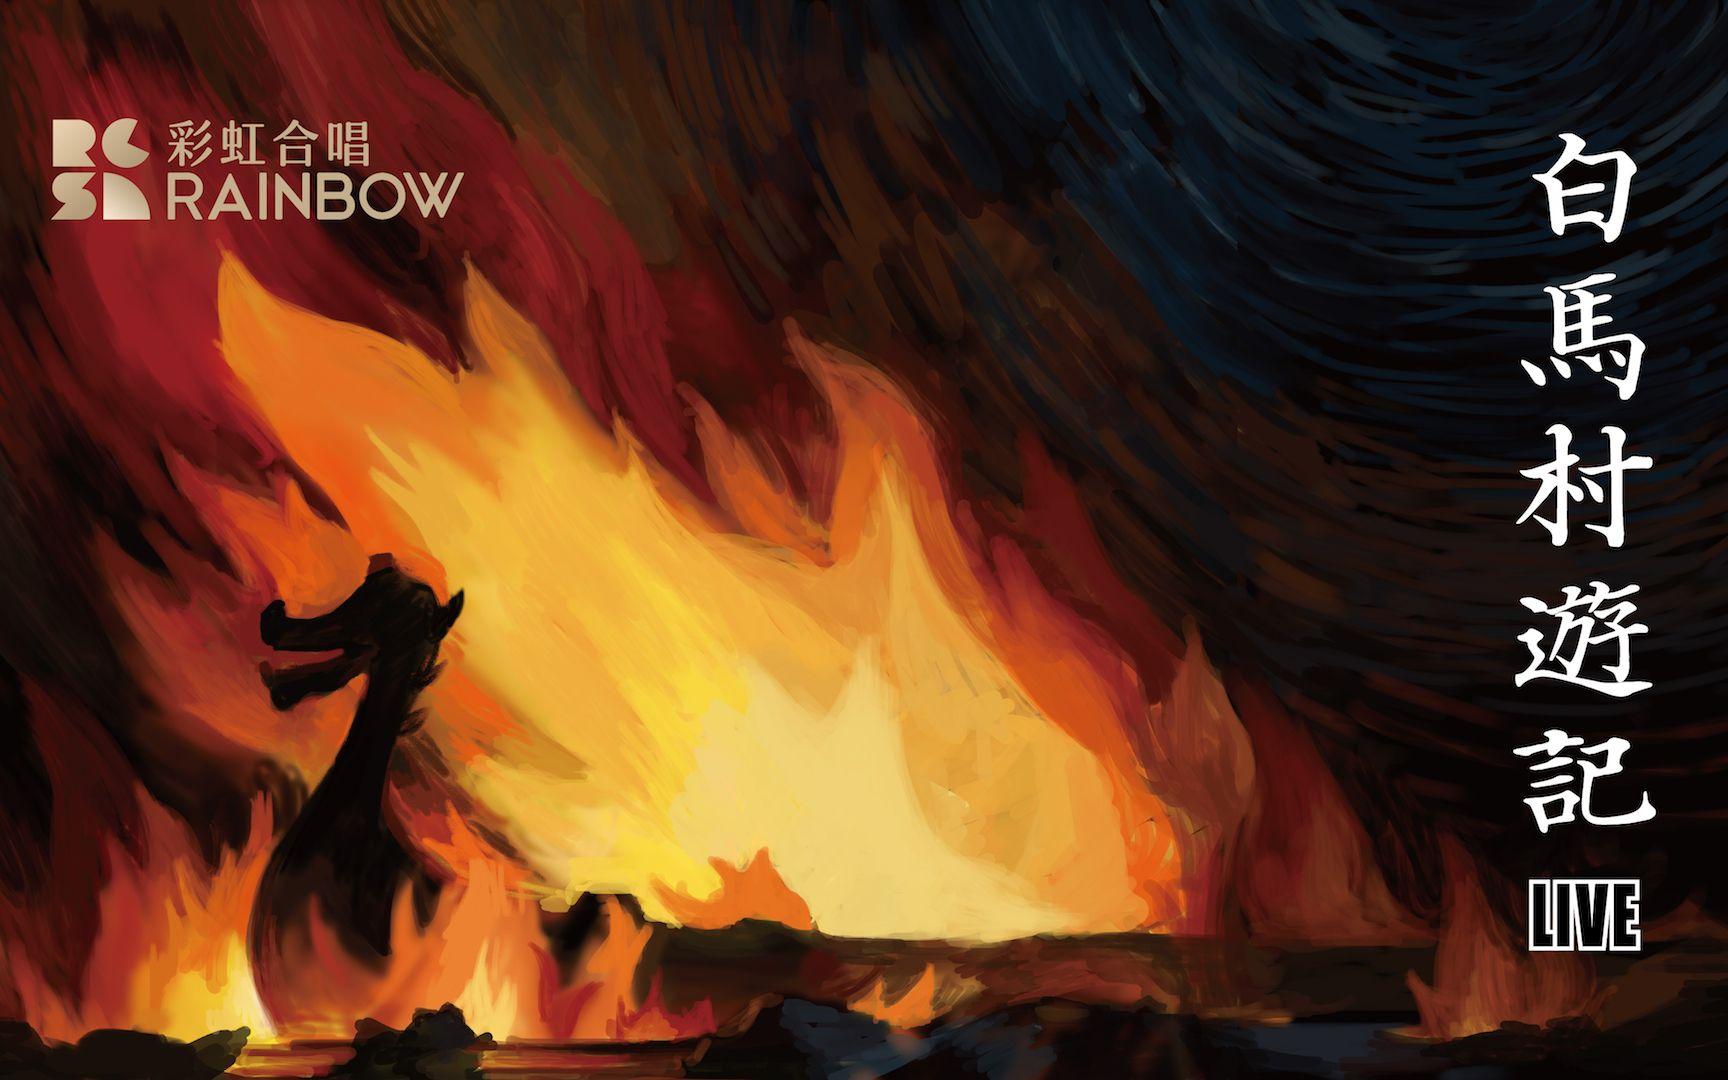 超兽武装二合一_【MG】「碧蓝幻想 Granblue Fantasy」管弦乐原声集专辑-爱哔哩(B站 ...